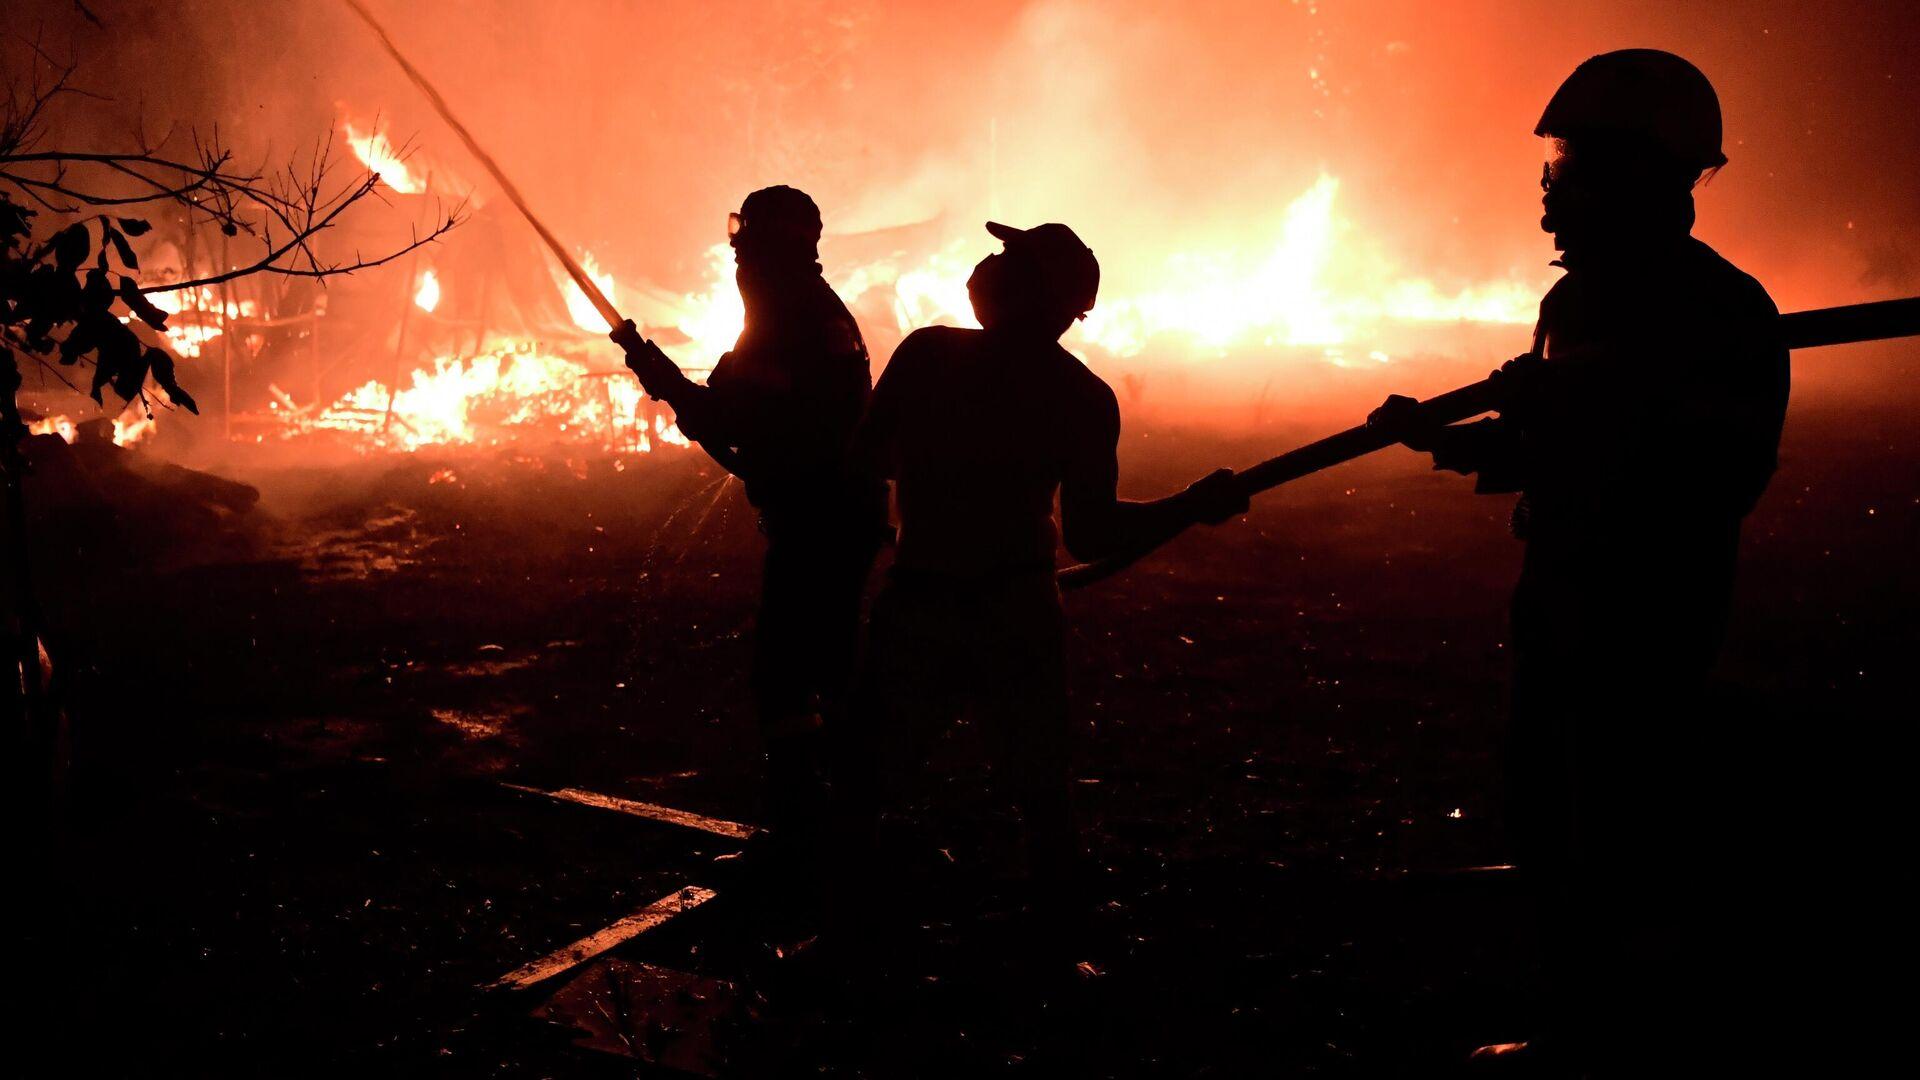 Ватрогасци гасе пожар у предграђу Атине - Sputnik Србија, 1920, 04.08.2021